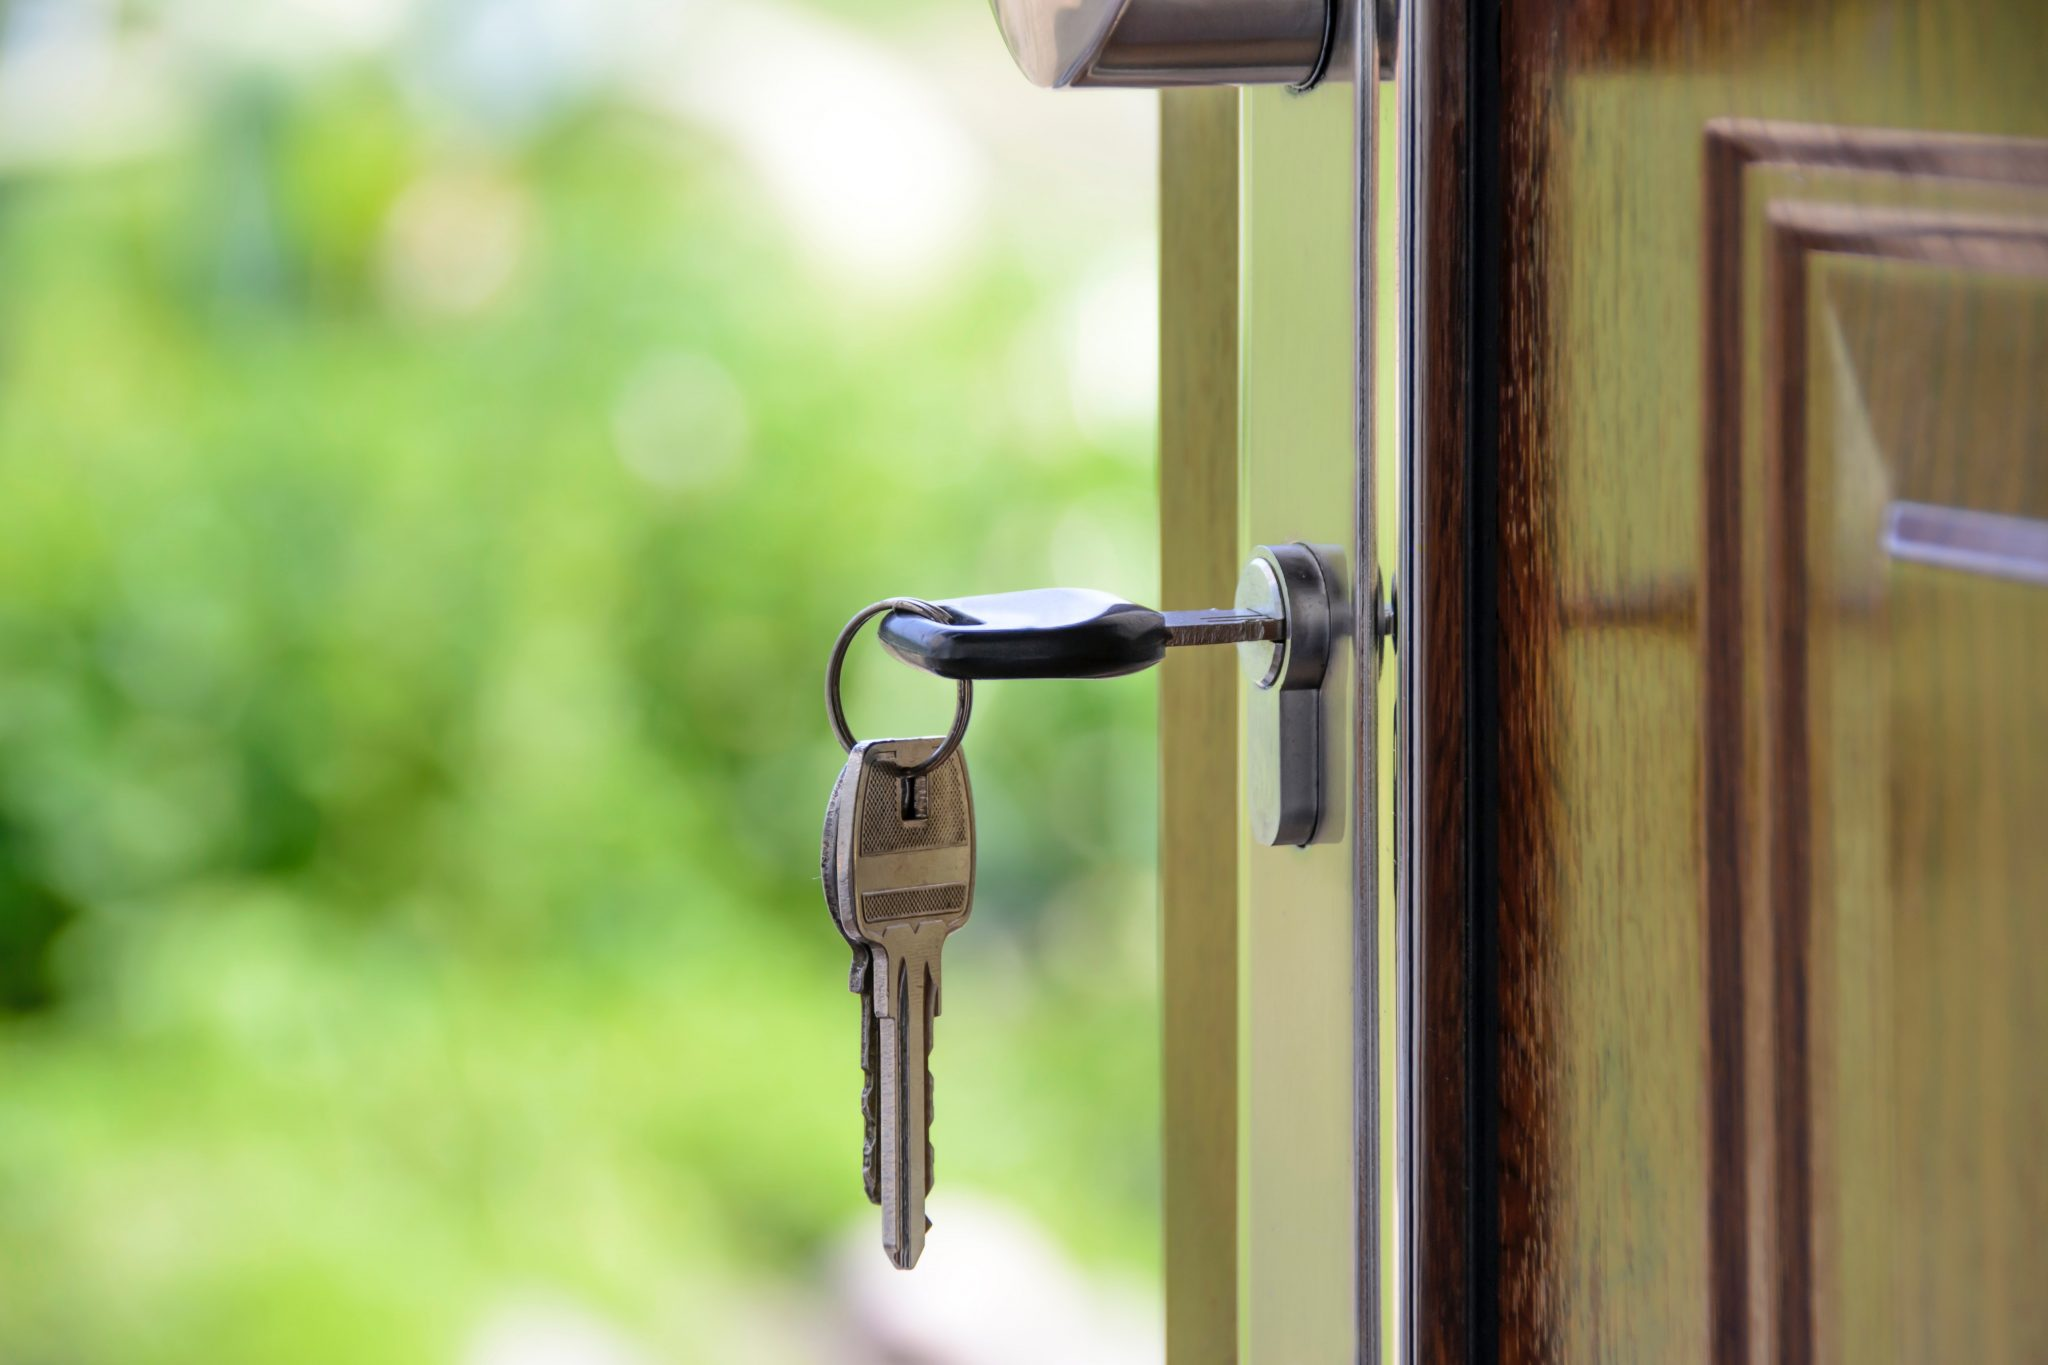 key hanging from lock on door